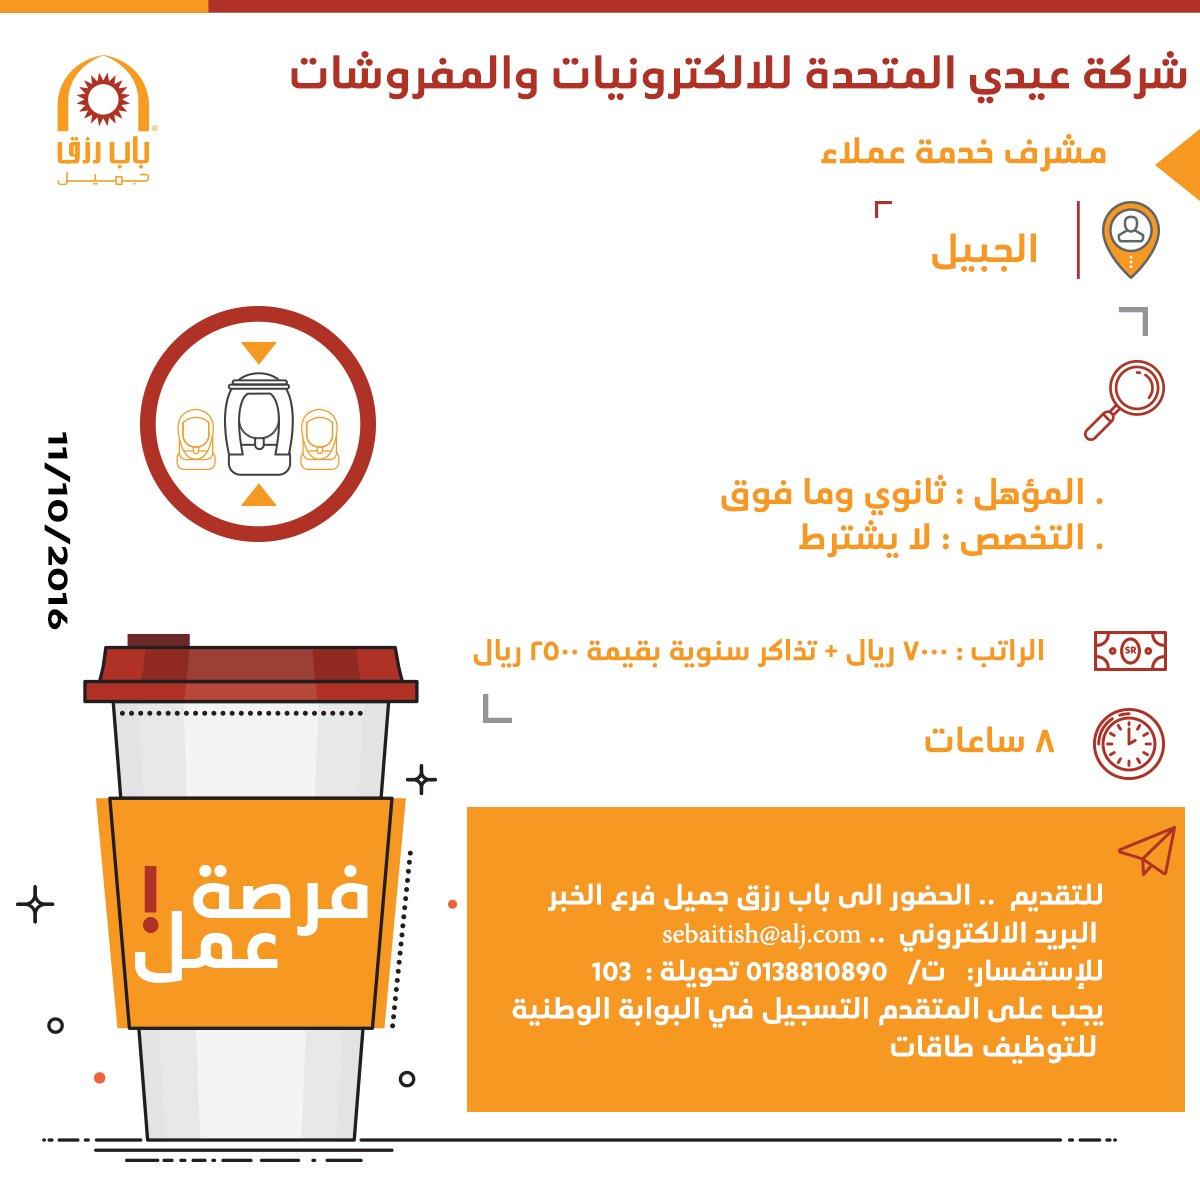 مطلوب مشرف خدمة عملاء لشركة عيدي المتحدة للإلكترونيات والمفروشات - الجبيل